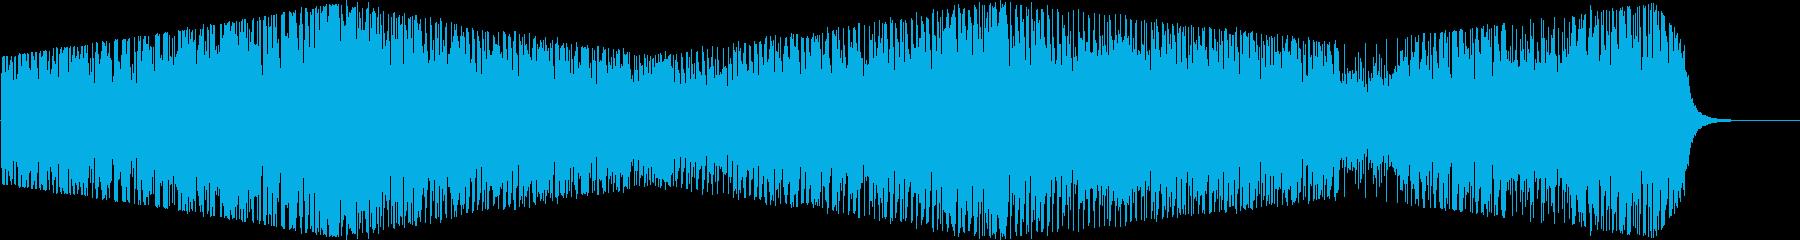 ストリングスの優雅でポップな雰囲気の曲の再生済みの波形